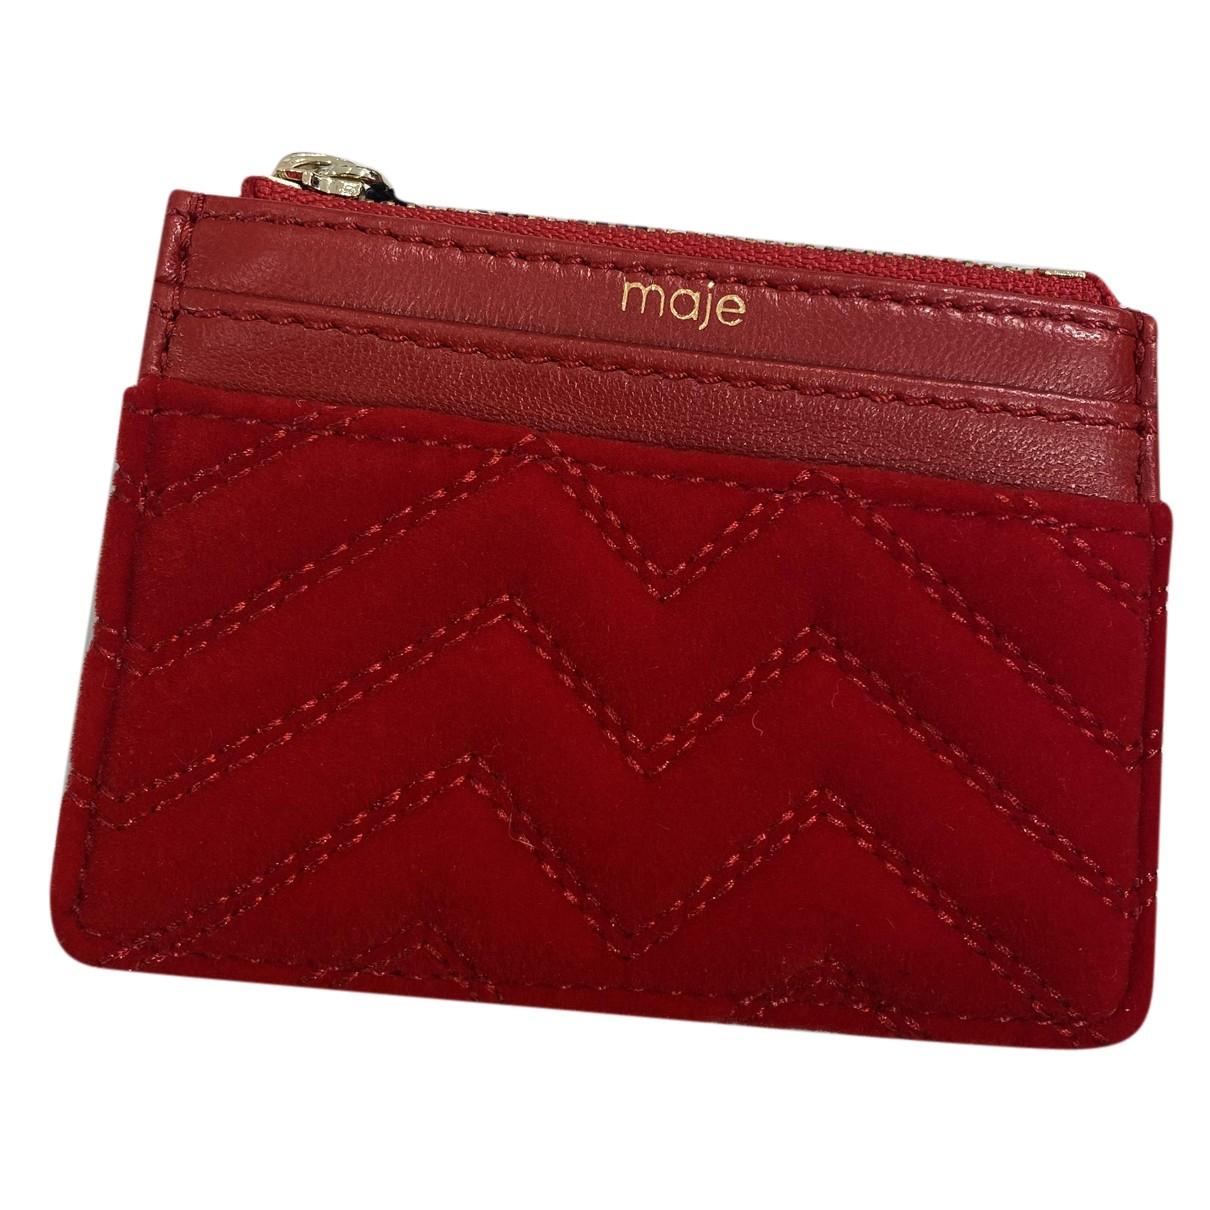 Maje - Portefeuille   pour femme en cuir - rouge